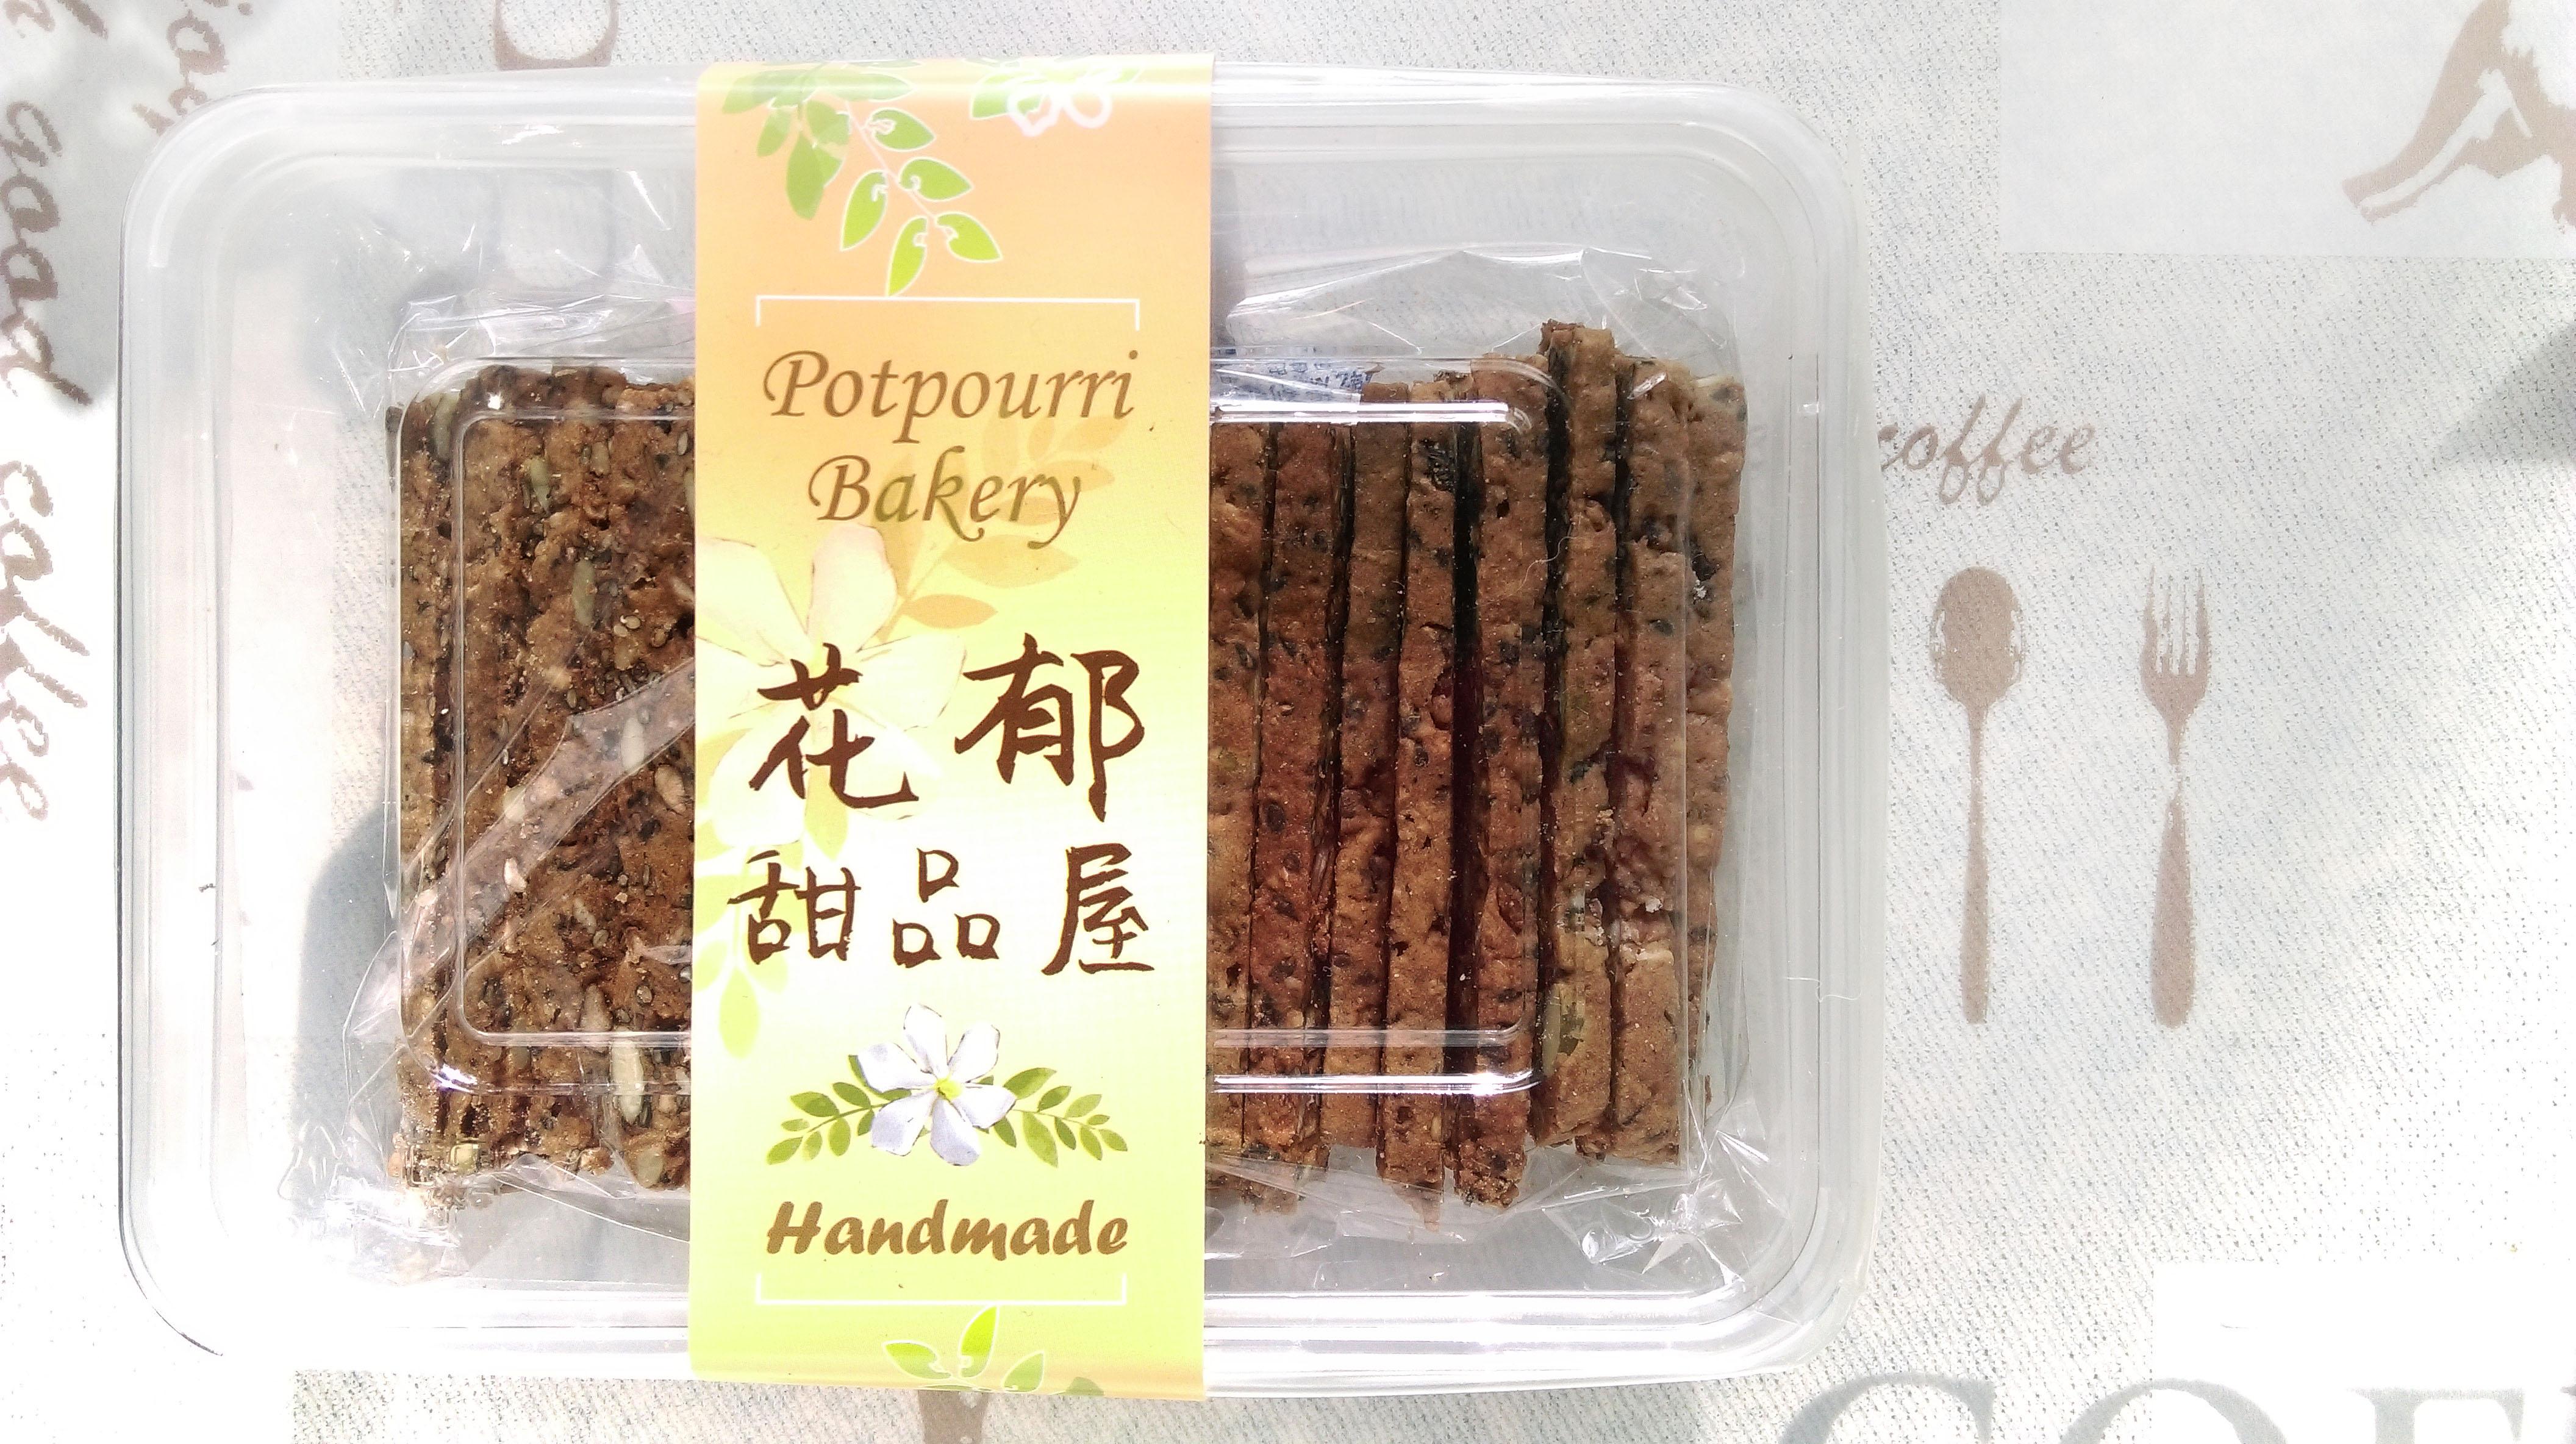 紅藜雜糧棒-花郁甜品屋-台灣農產品手工餅乾